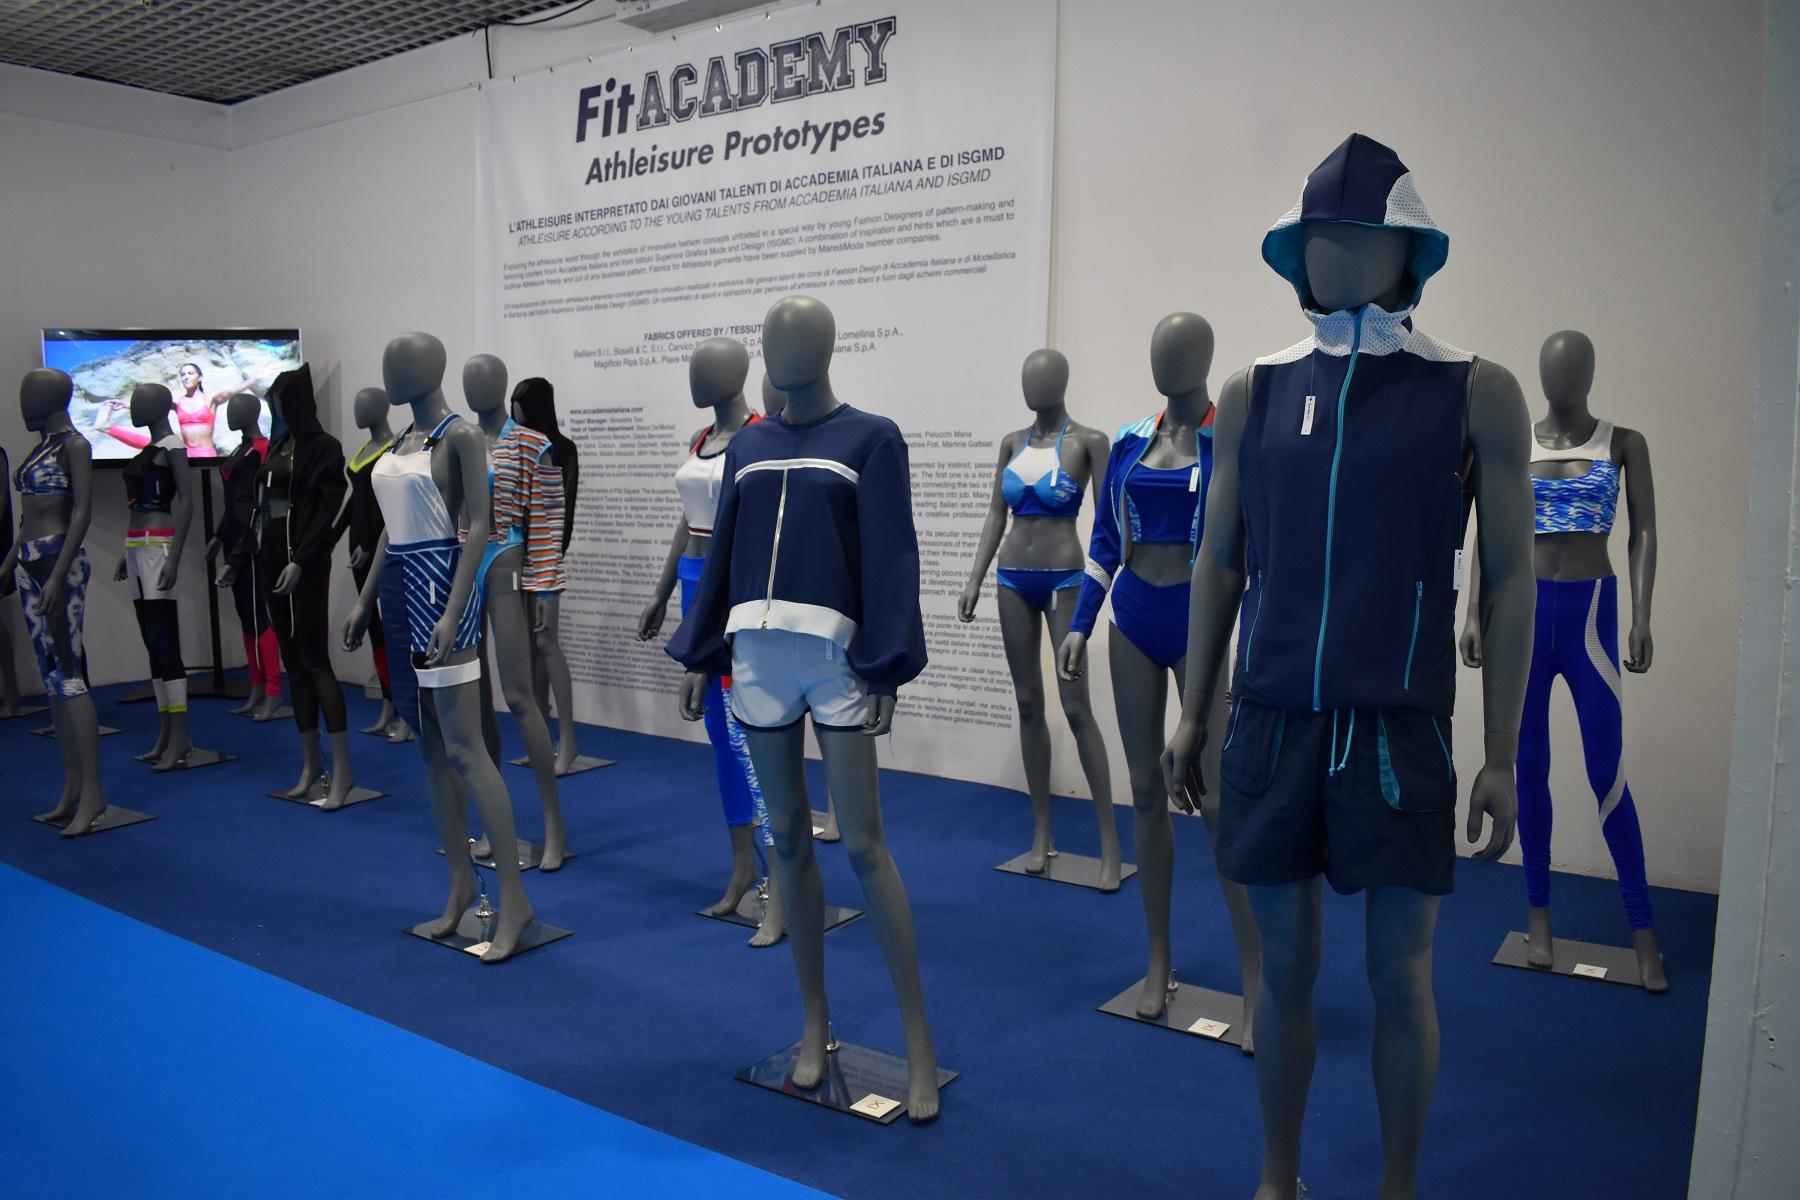 戛纳泳装面料配饰博览会 Maredimoda 主席称:到2022年,全球泳装市场规模将达227亿美元